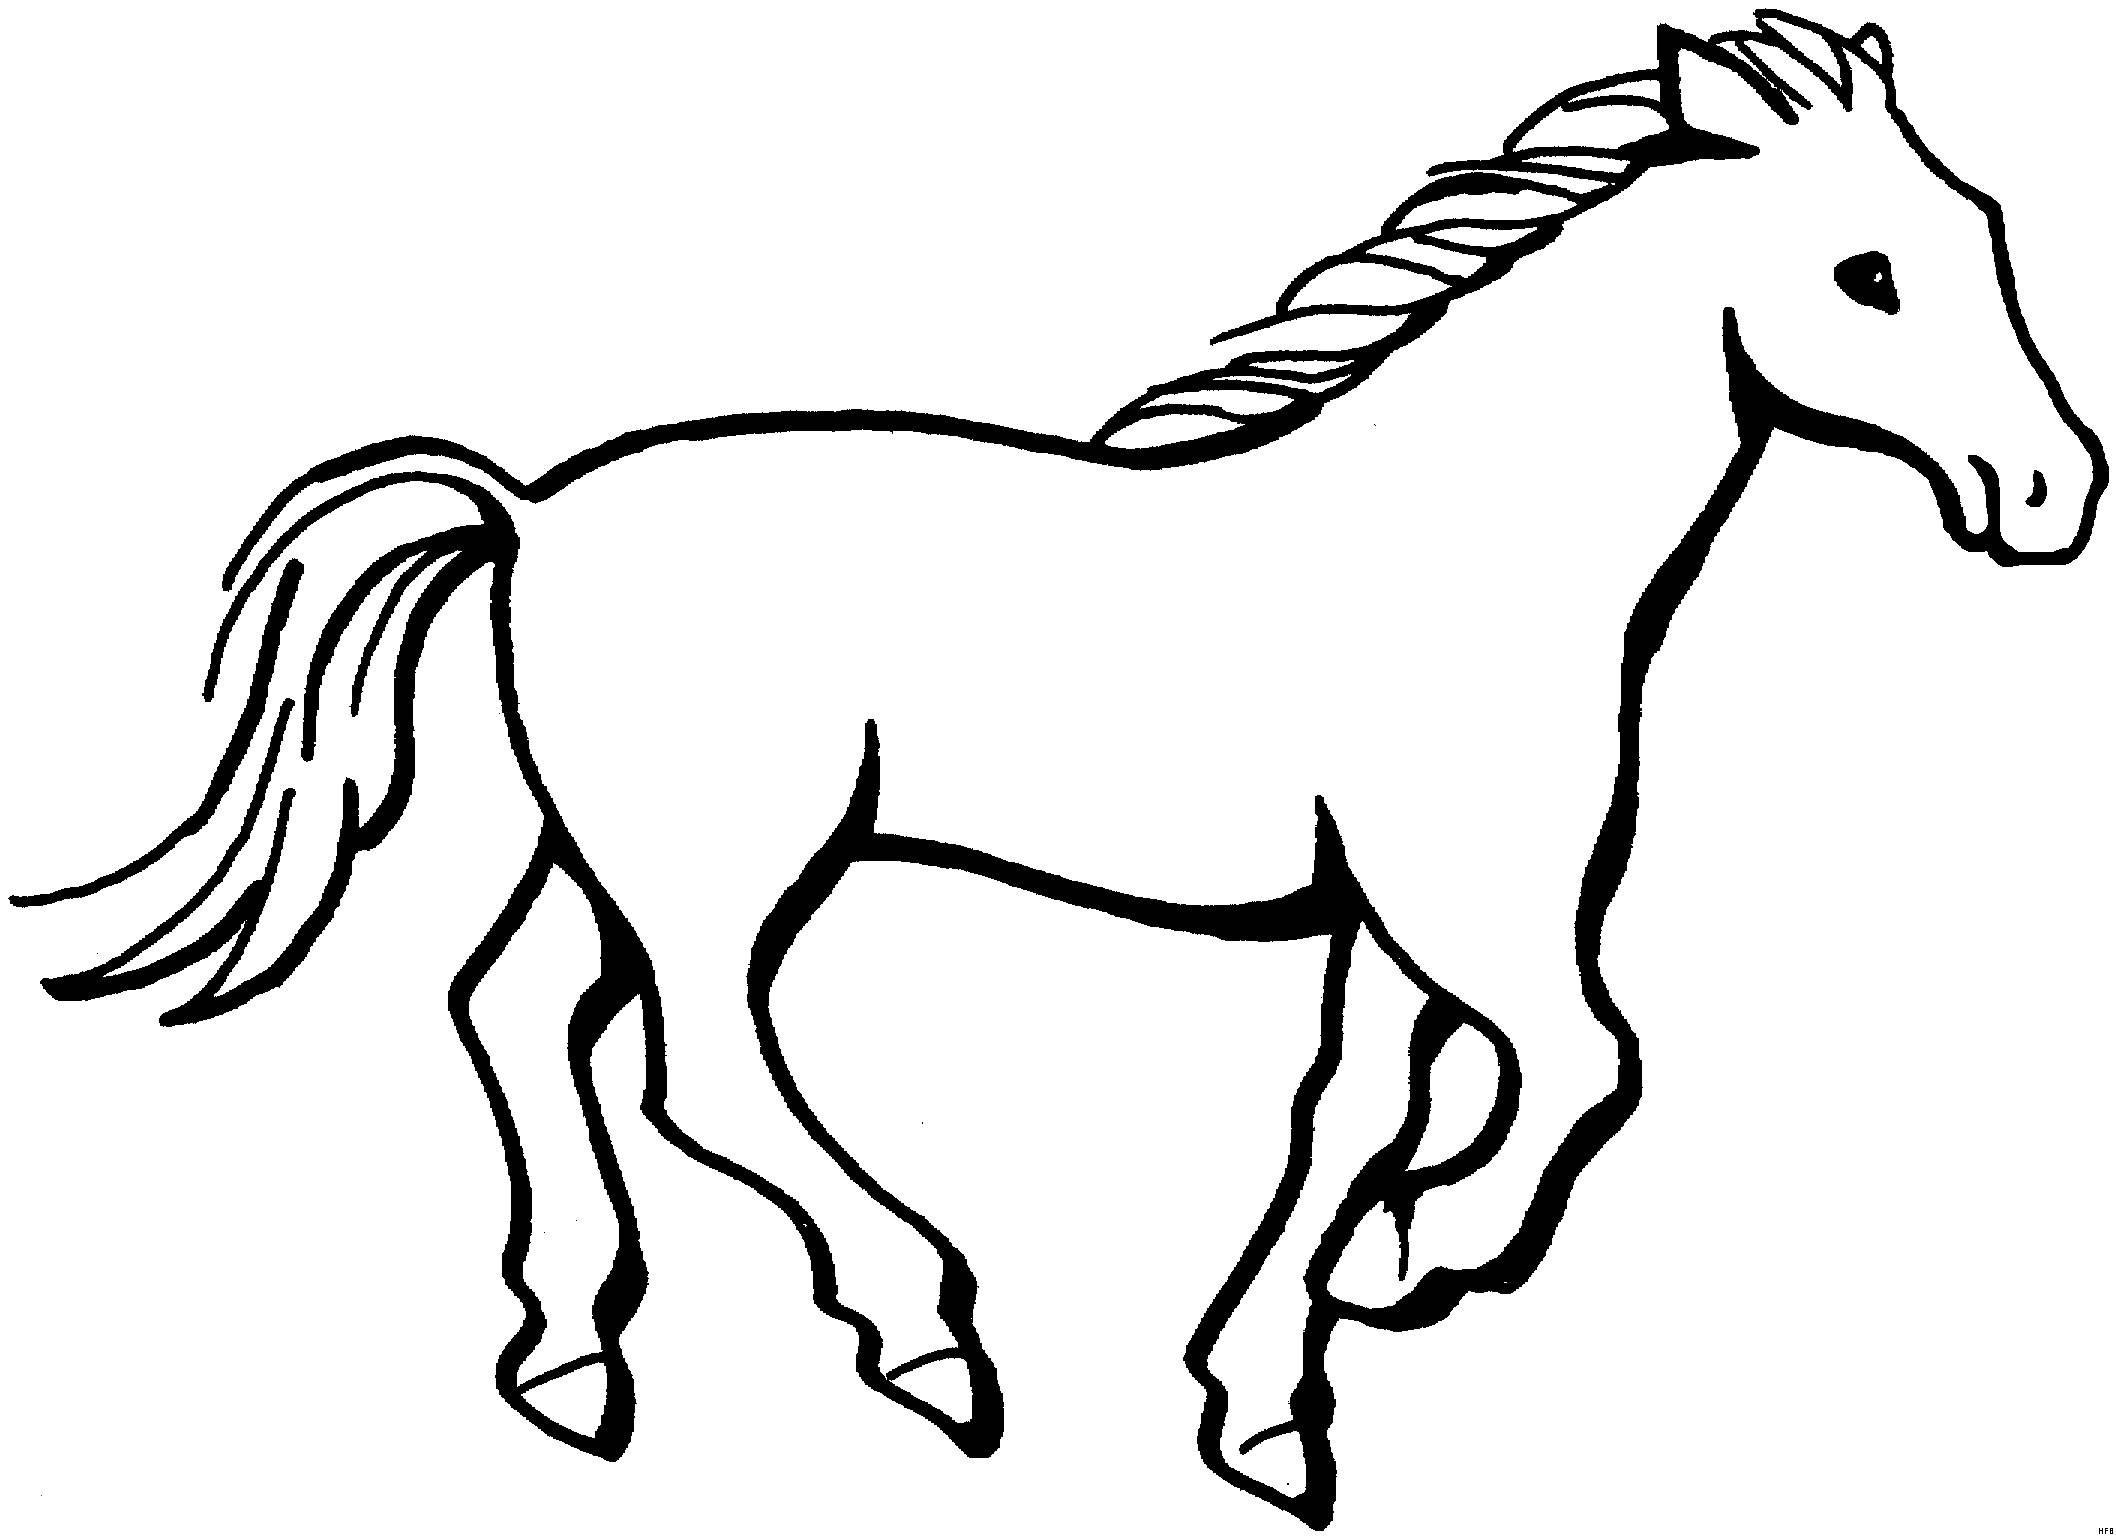 Ausmalbild Pferd Mit Reiter Frisch Pferd Mit Reiter Ausmalbild Ausmalbild Auto Beispielbilder Färben Bilder